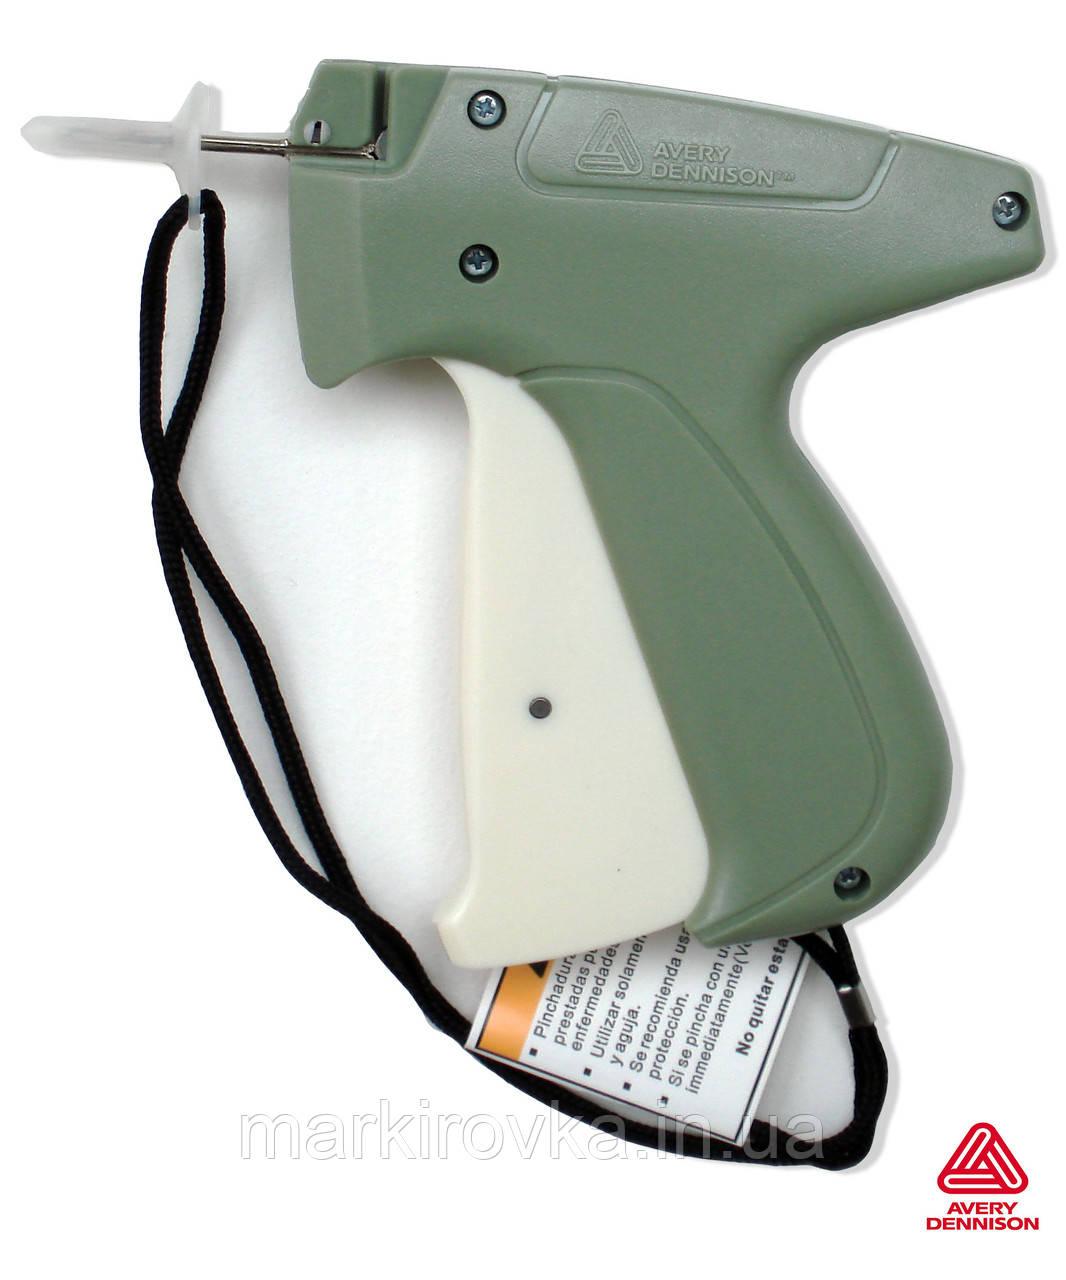 Этикет-пистолет с  длинной иглой (игольчатый пистолет) усиленный Avery Dennison Mark II